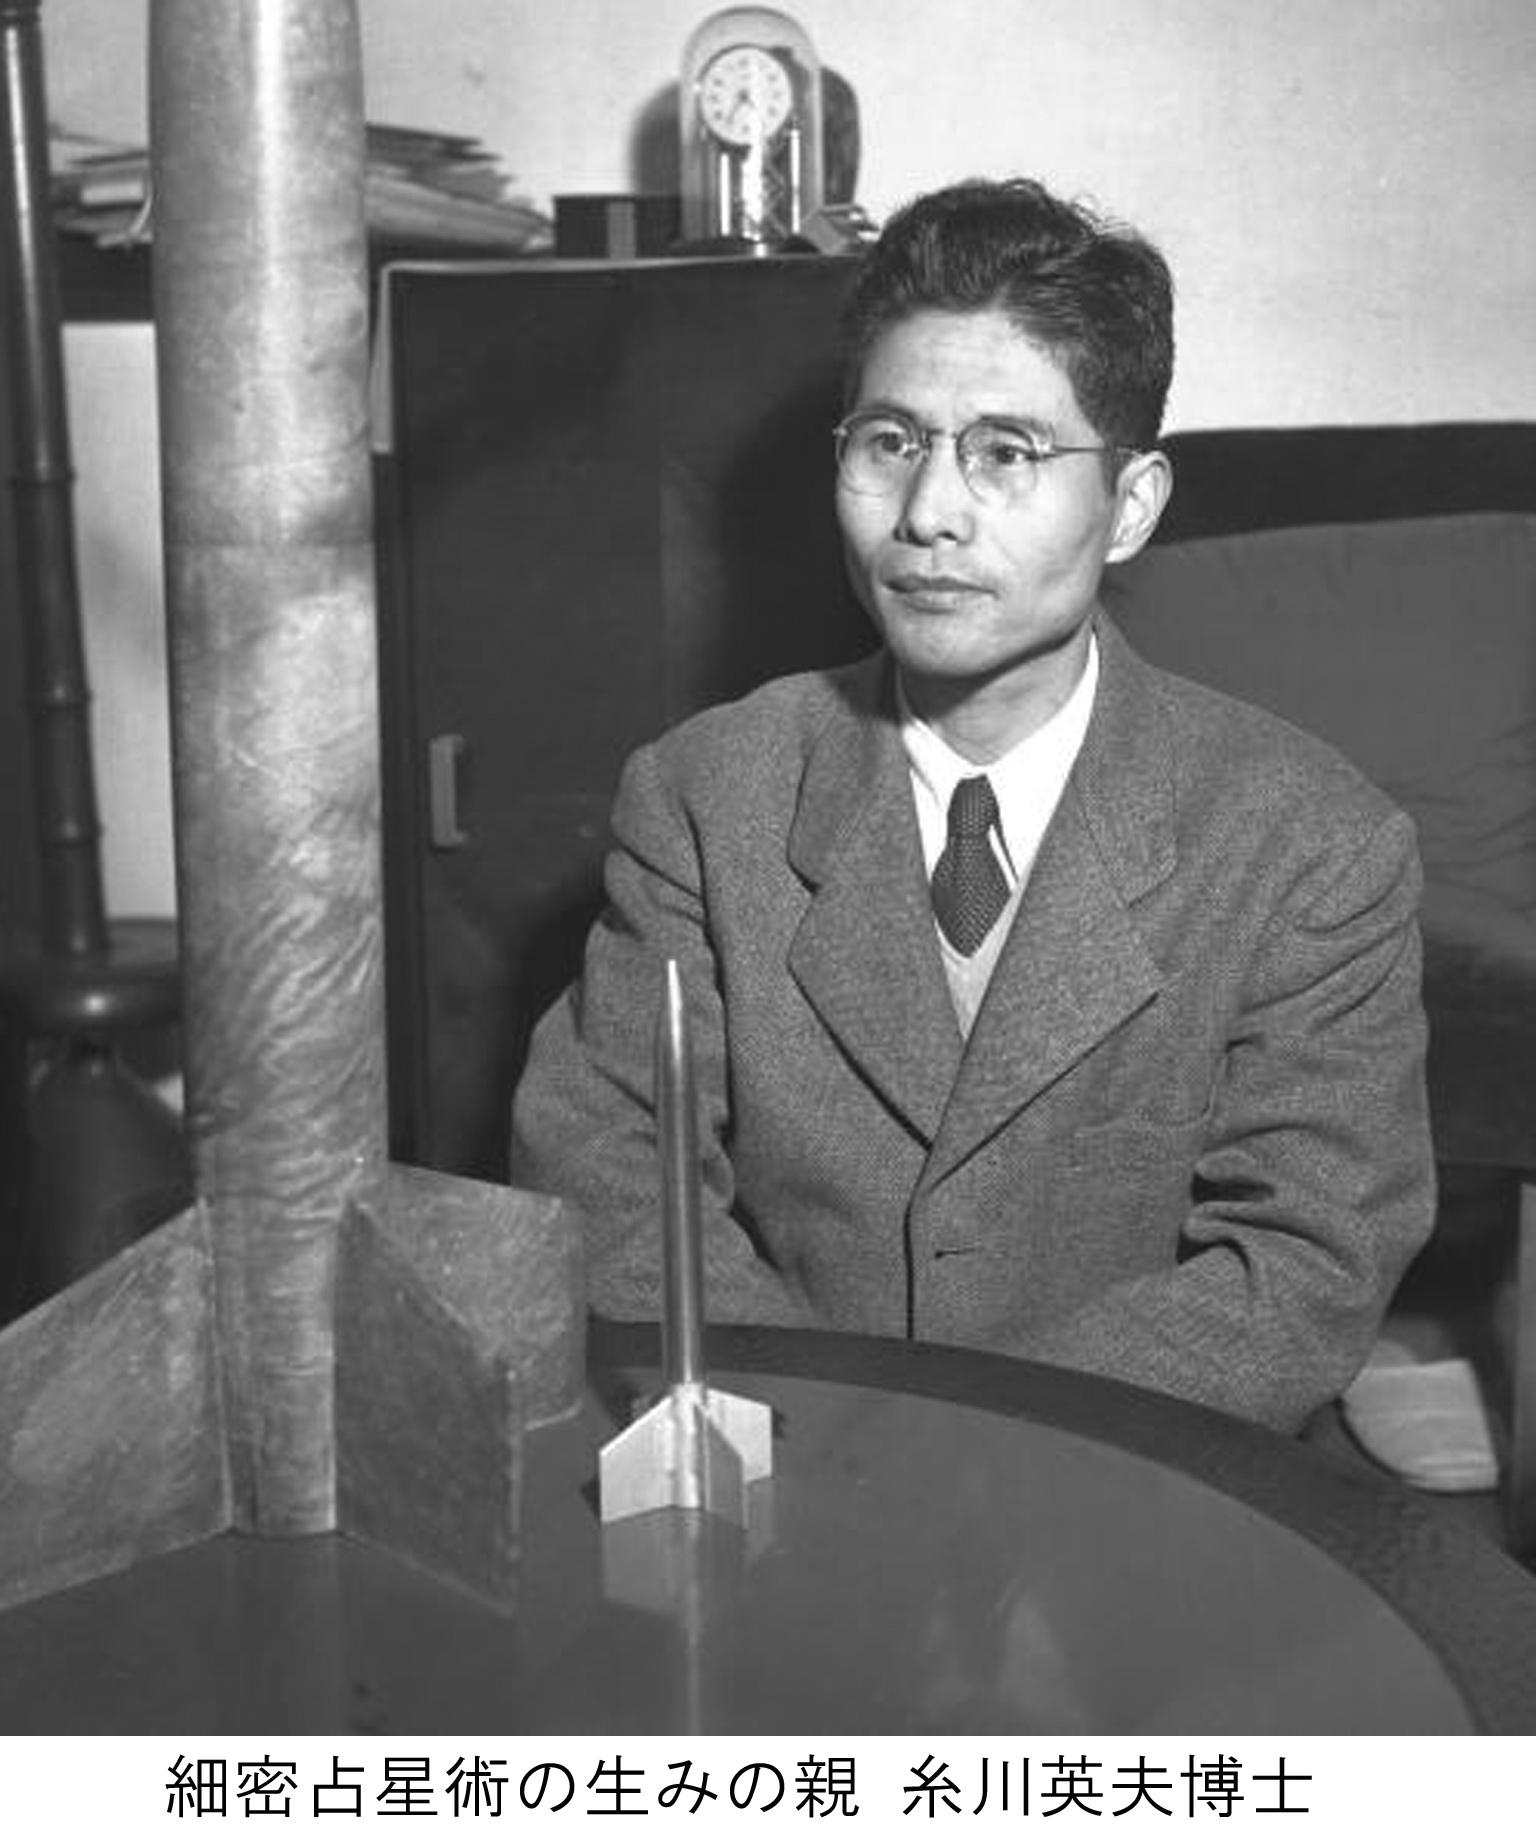 Хидэо Итокава (糸川 英夫) — отец японской космонавтики, профессор Токийского университета; человек, в честь которого назван астероид 25143. japaneseclass.jp